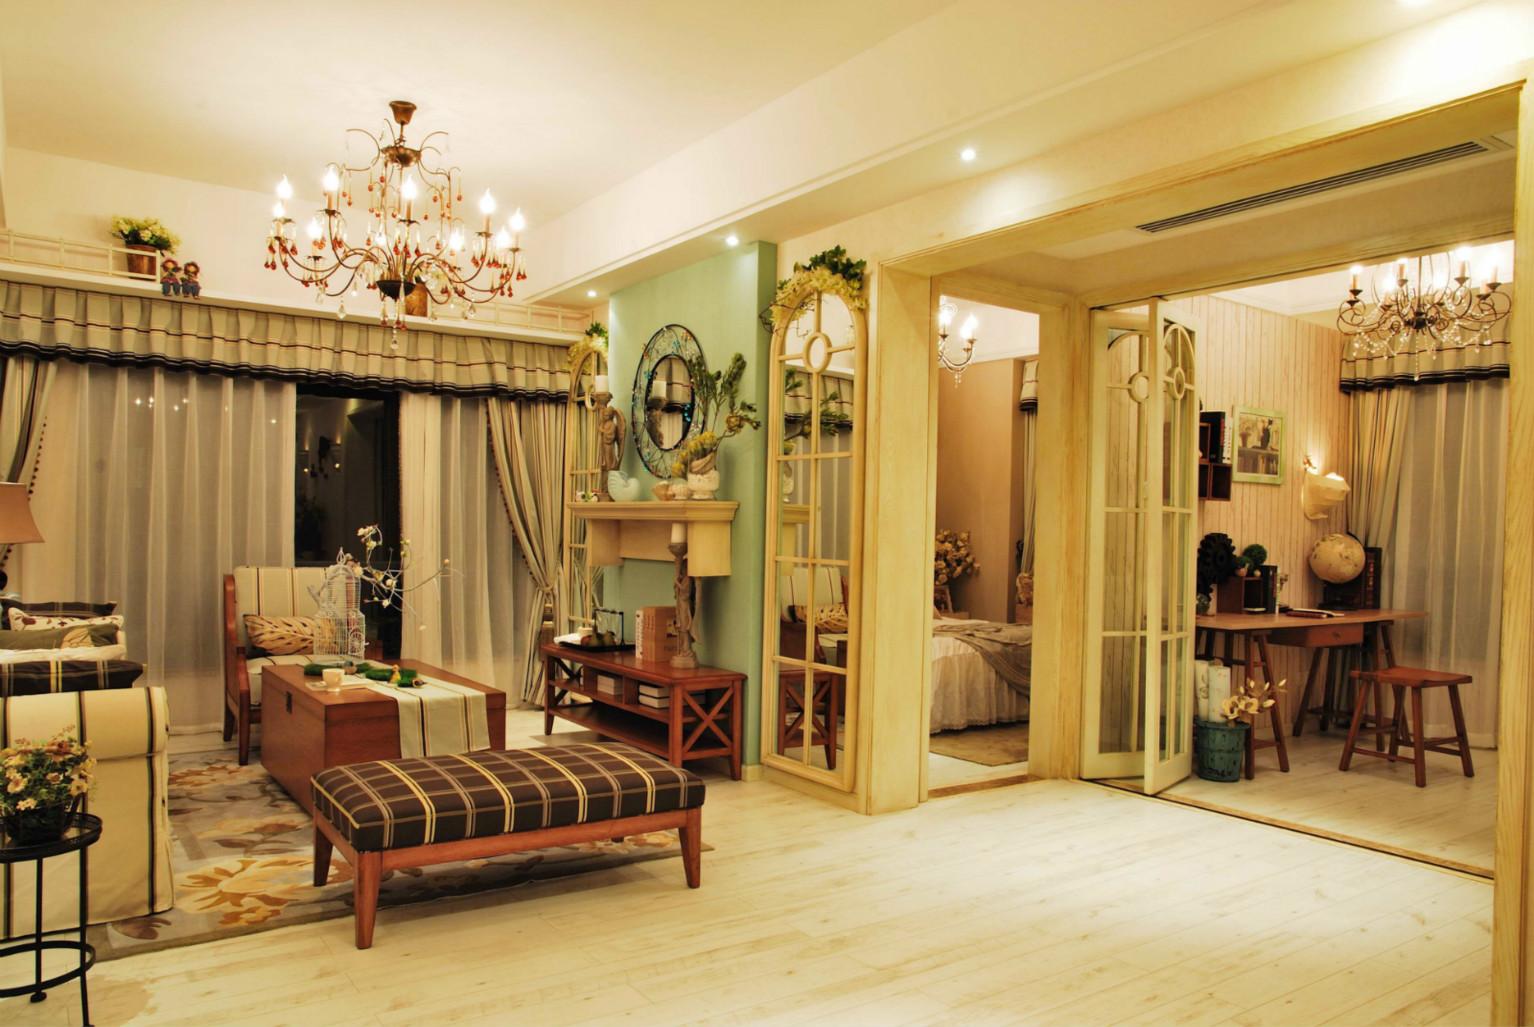 纯木家具,加上随处可见的绿植点缀,木制地板,舒适又有质感。